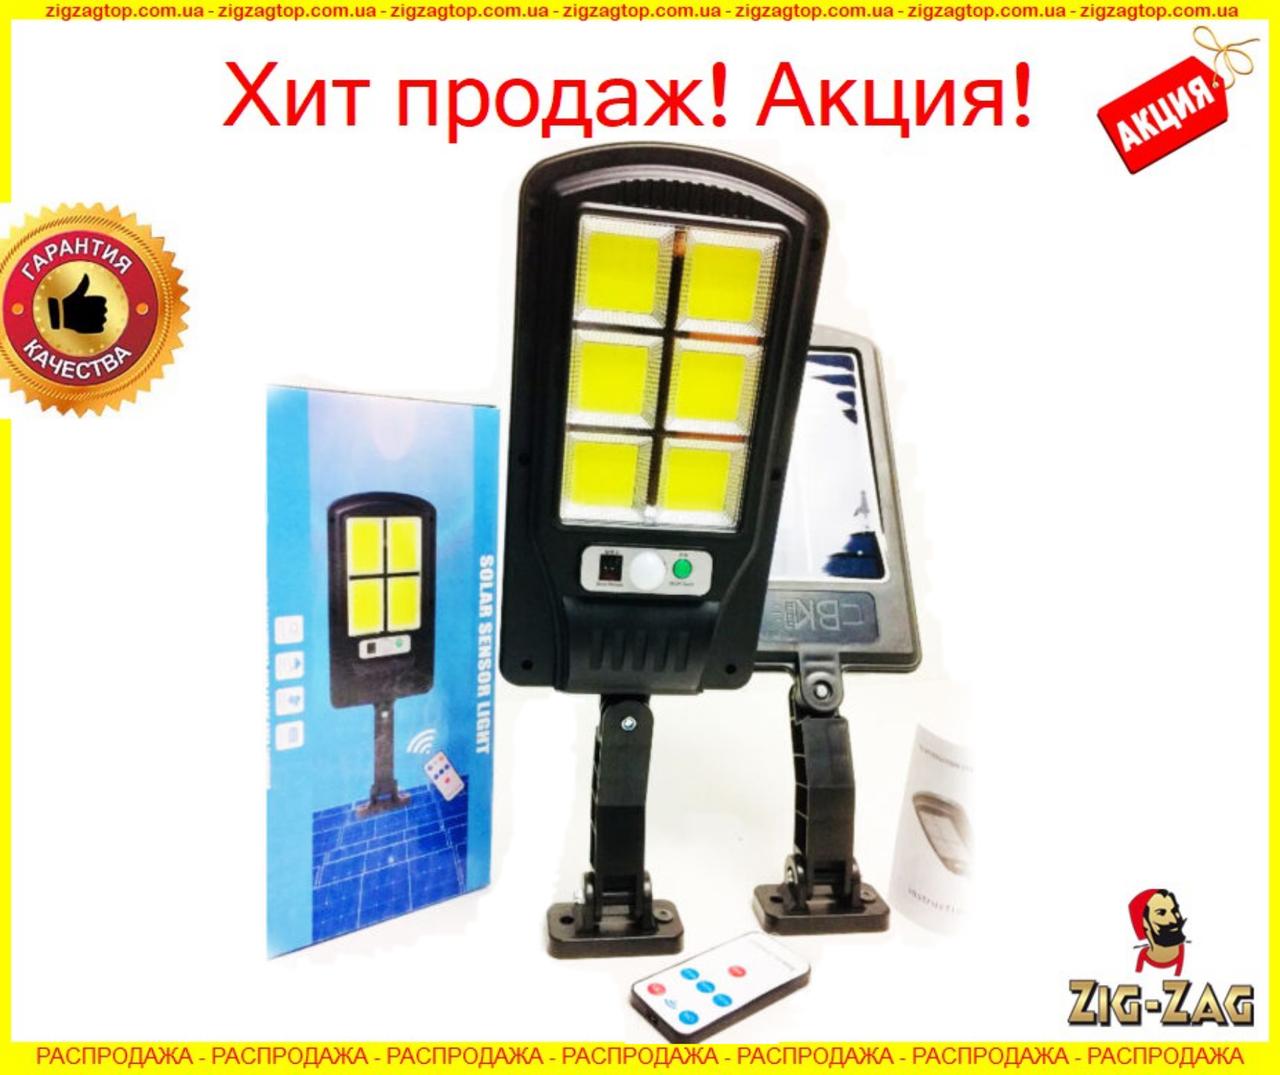 Уличный фонарь на Солнечной Батарее UKC Solar Street Light 135W с Аккумулятором и датчиком Движения для Дачи